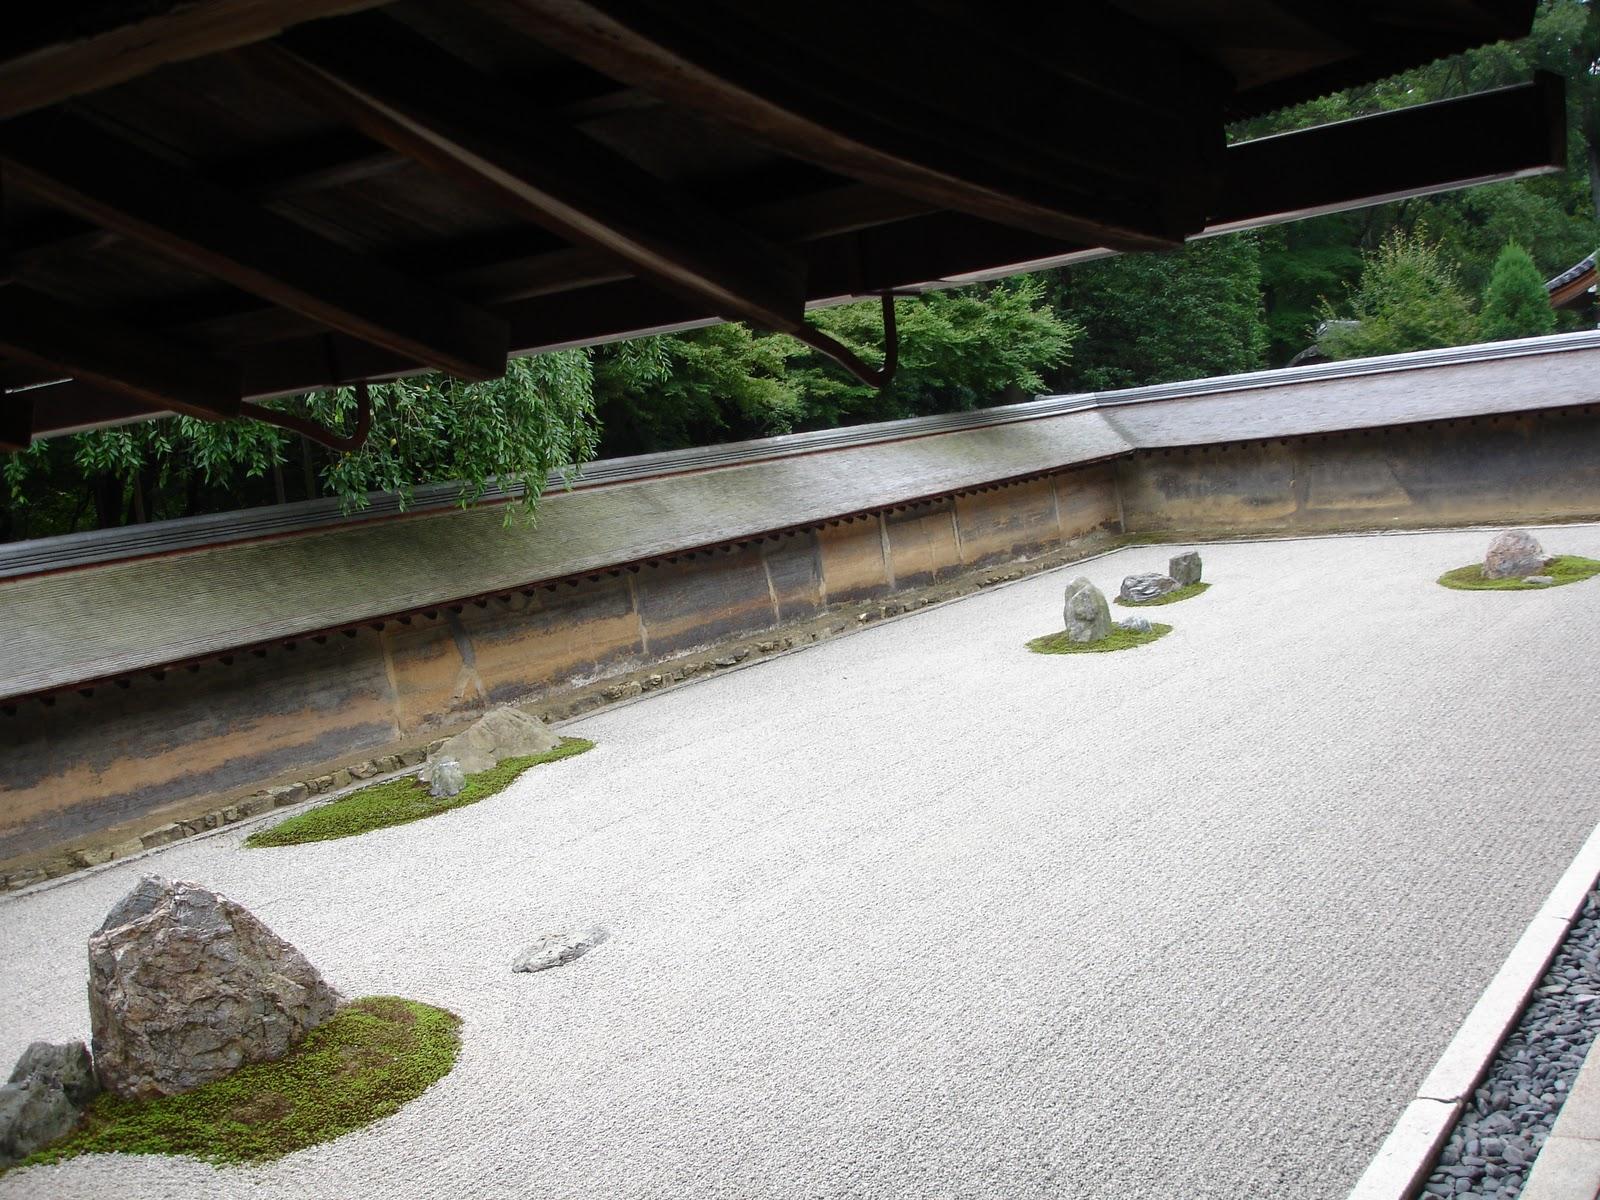 Un jard n zen en jap n vuelo directo for Arena para jardin zen